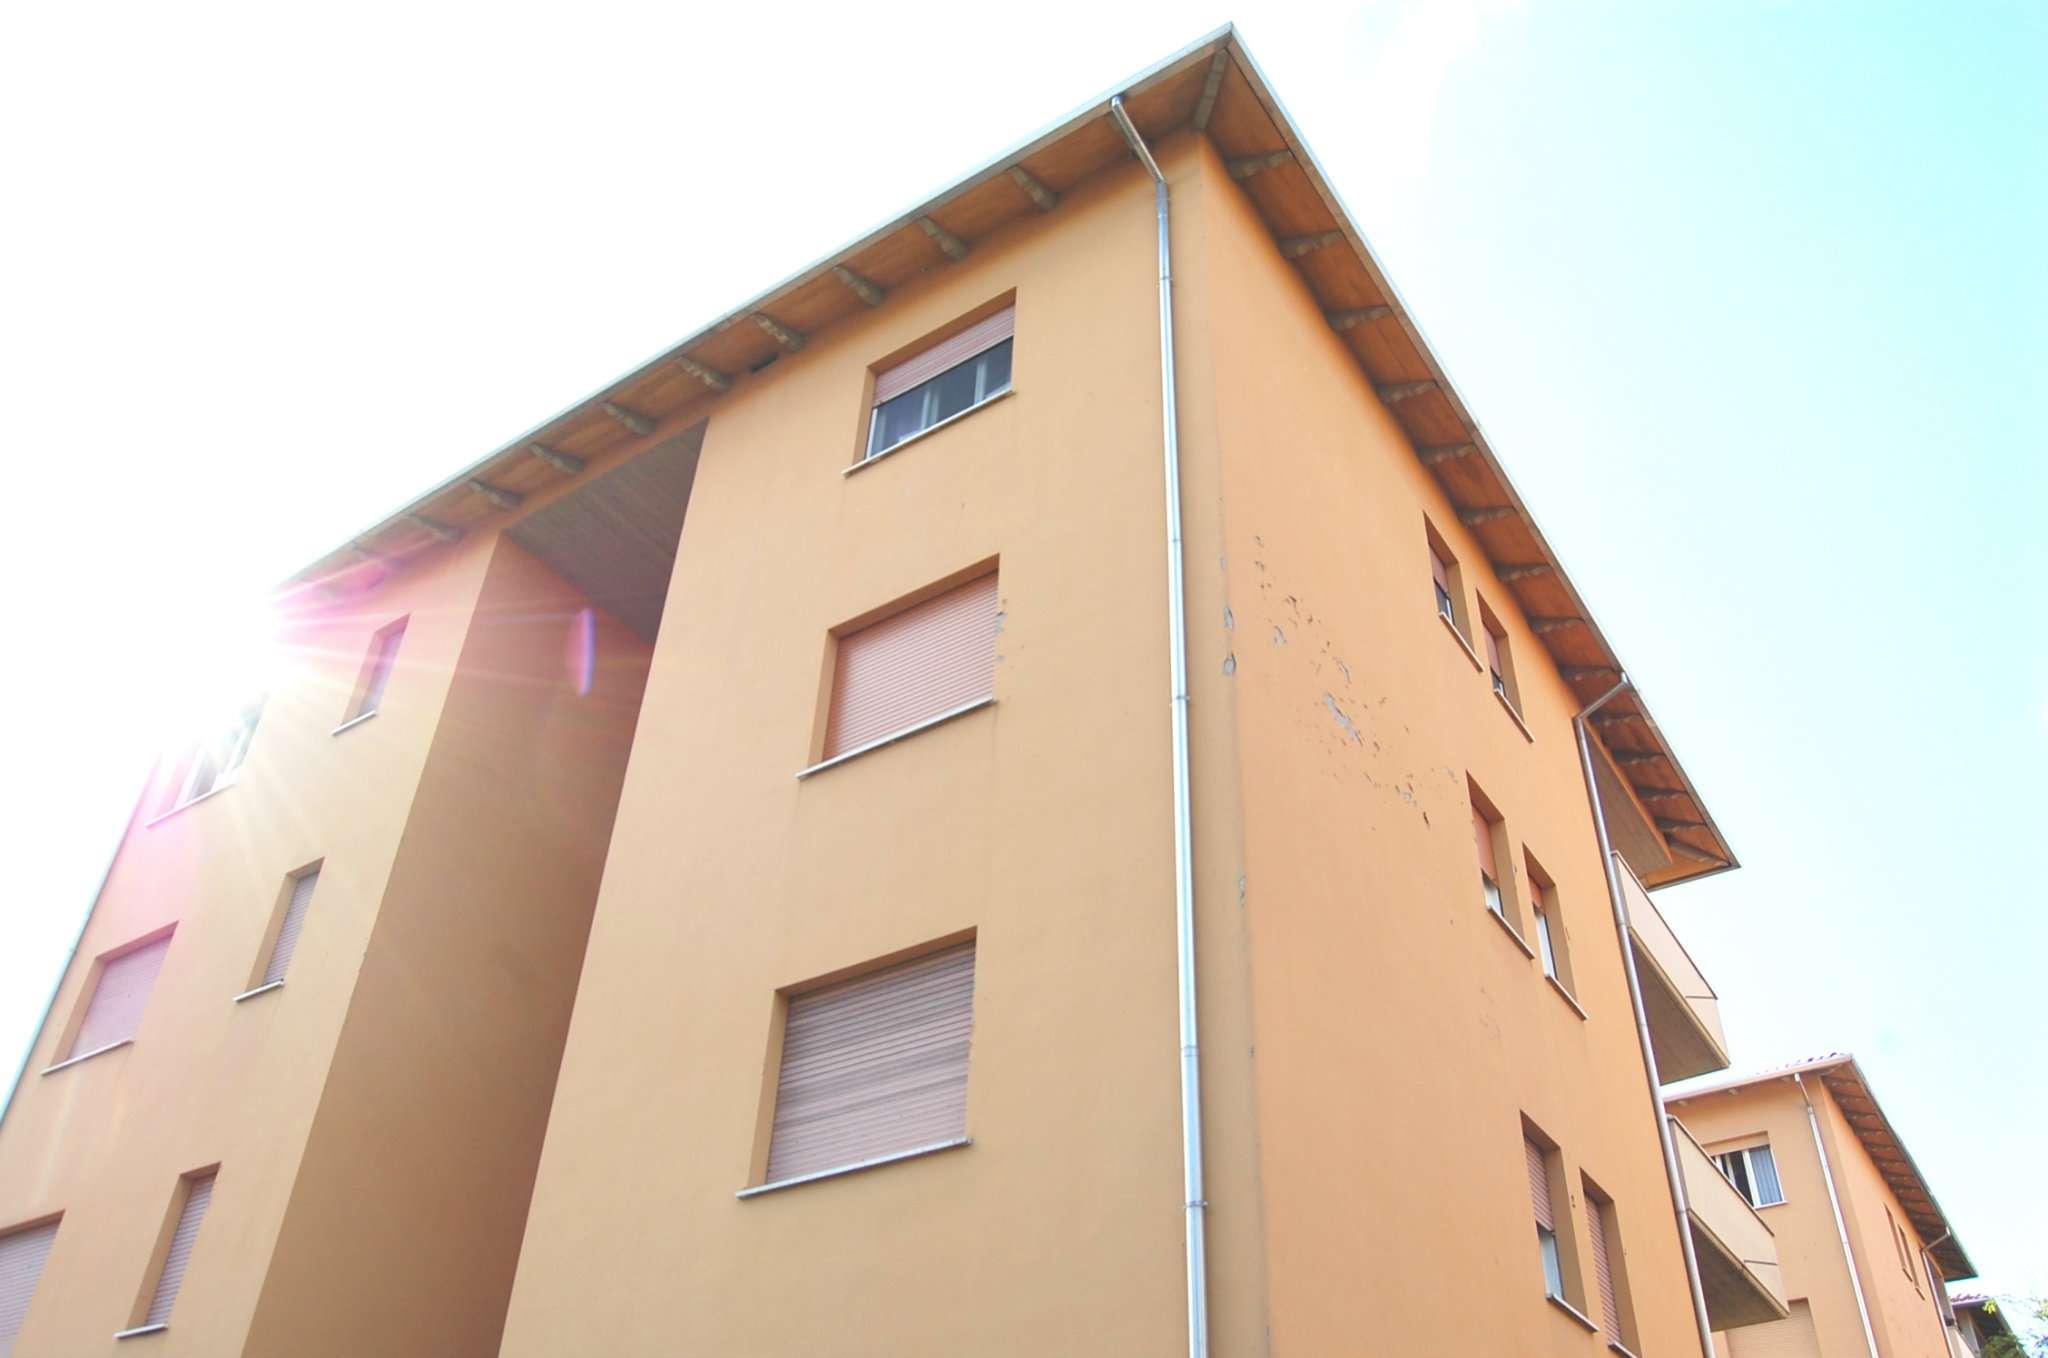 Appartamento in vendita a Imola, 3 locali, prezzo € 69.000 | CambioCasa.it